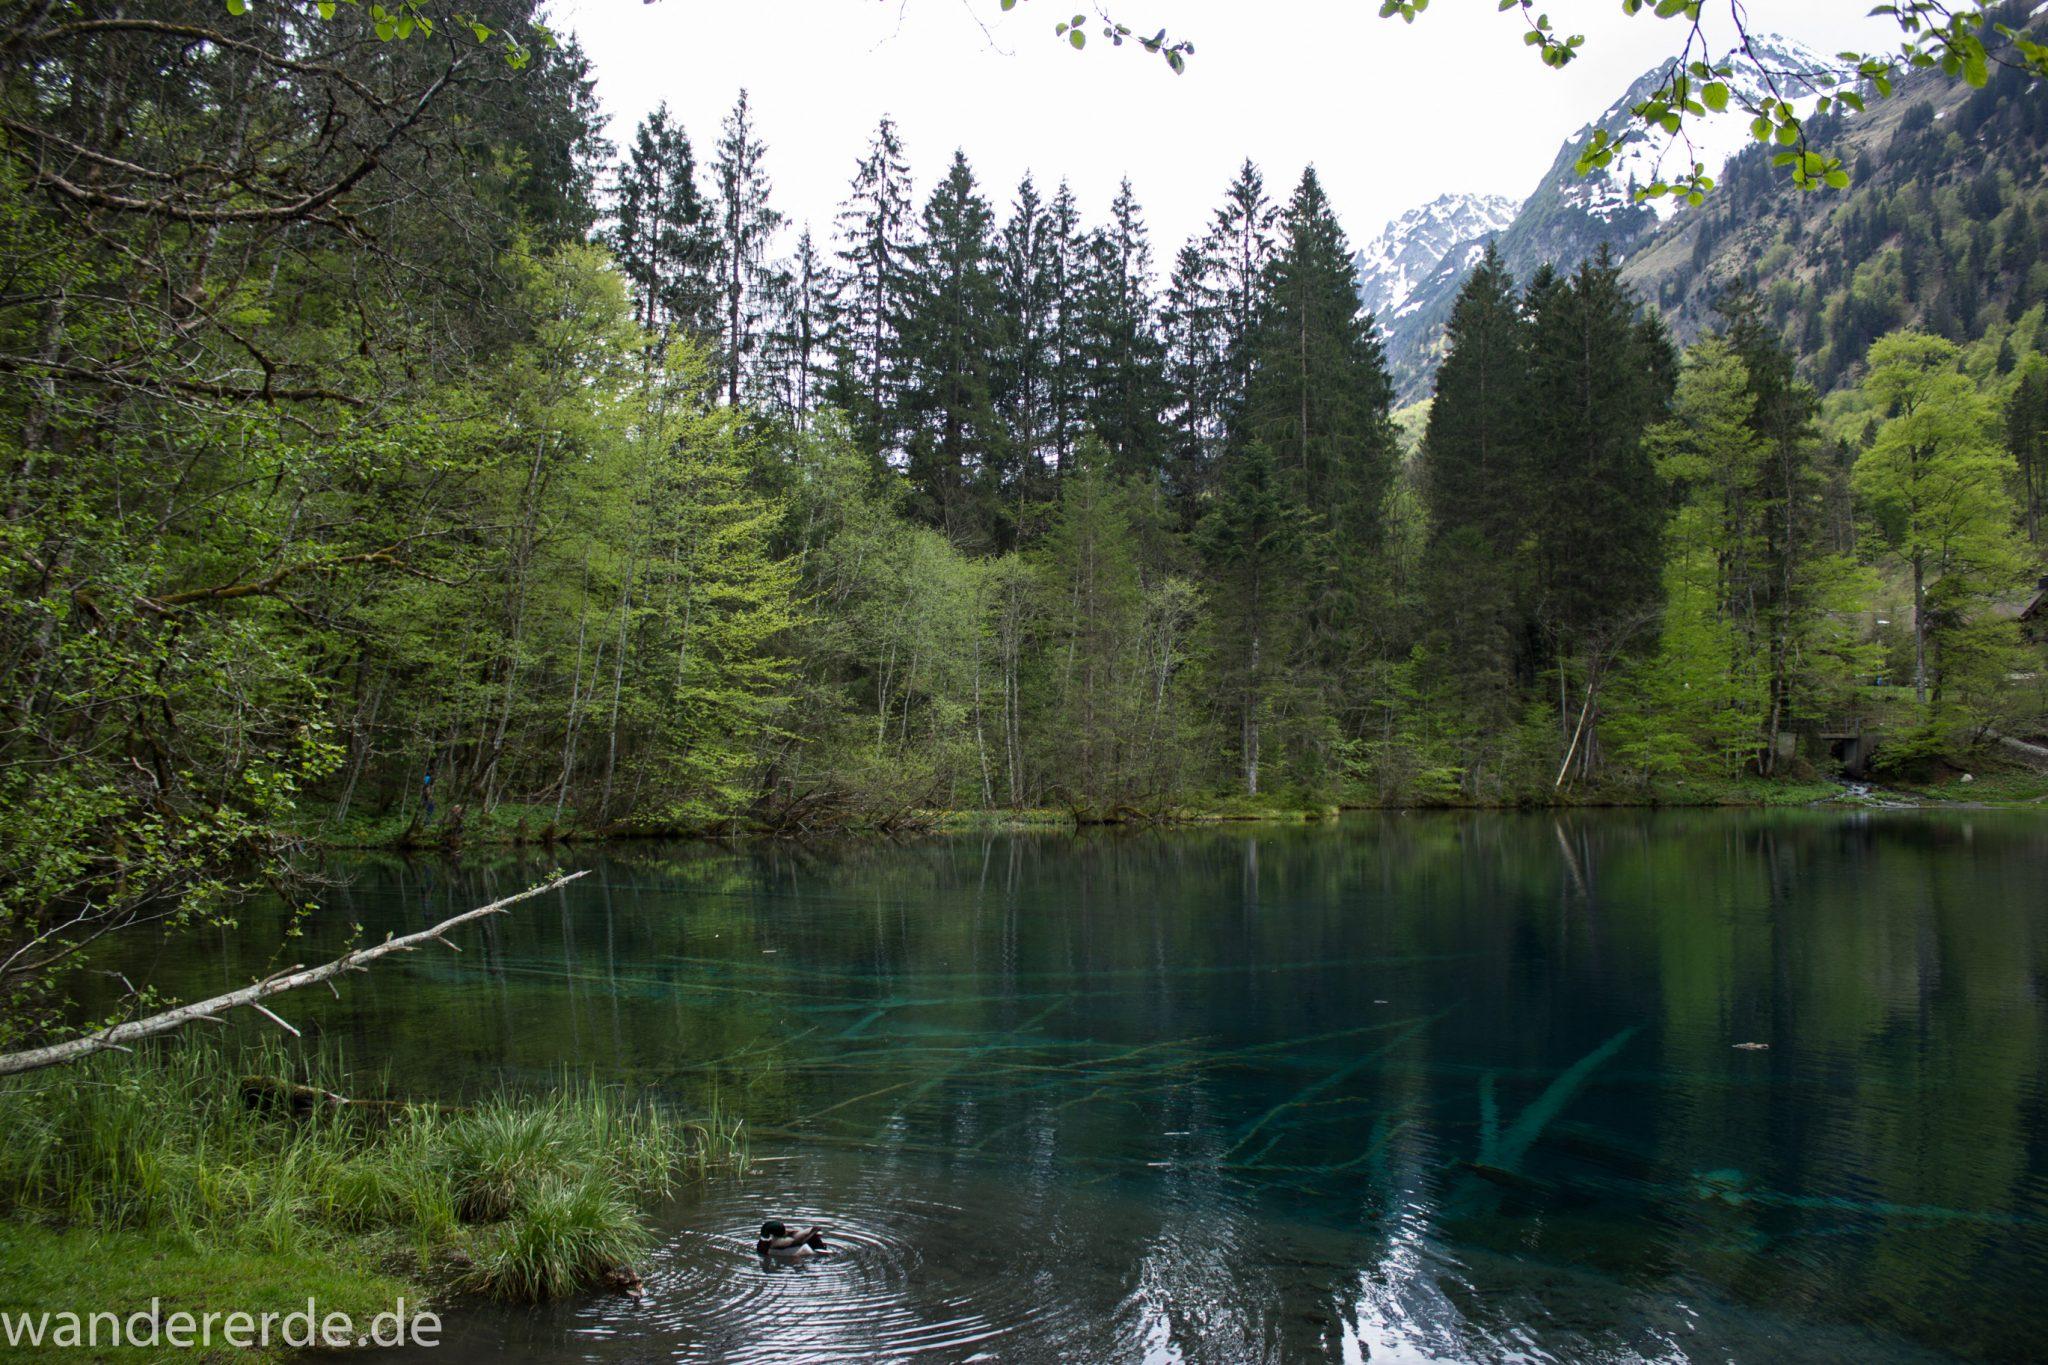 Wanderung Oberstdorf nach Gerstruben im Allgäu, Bayern, Wanderweg durch das Trettachtal zum Christlessee, kristallklares Wasser im kleinen See, Aussicht auf umliegende Berge, Ufer mit schönen Bäumen, sattgrüne Wälder, Frühling in den Bergen